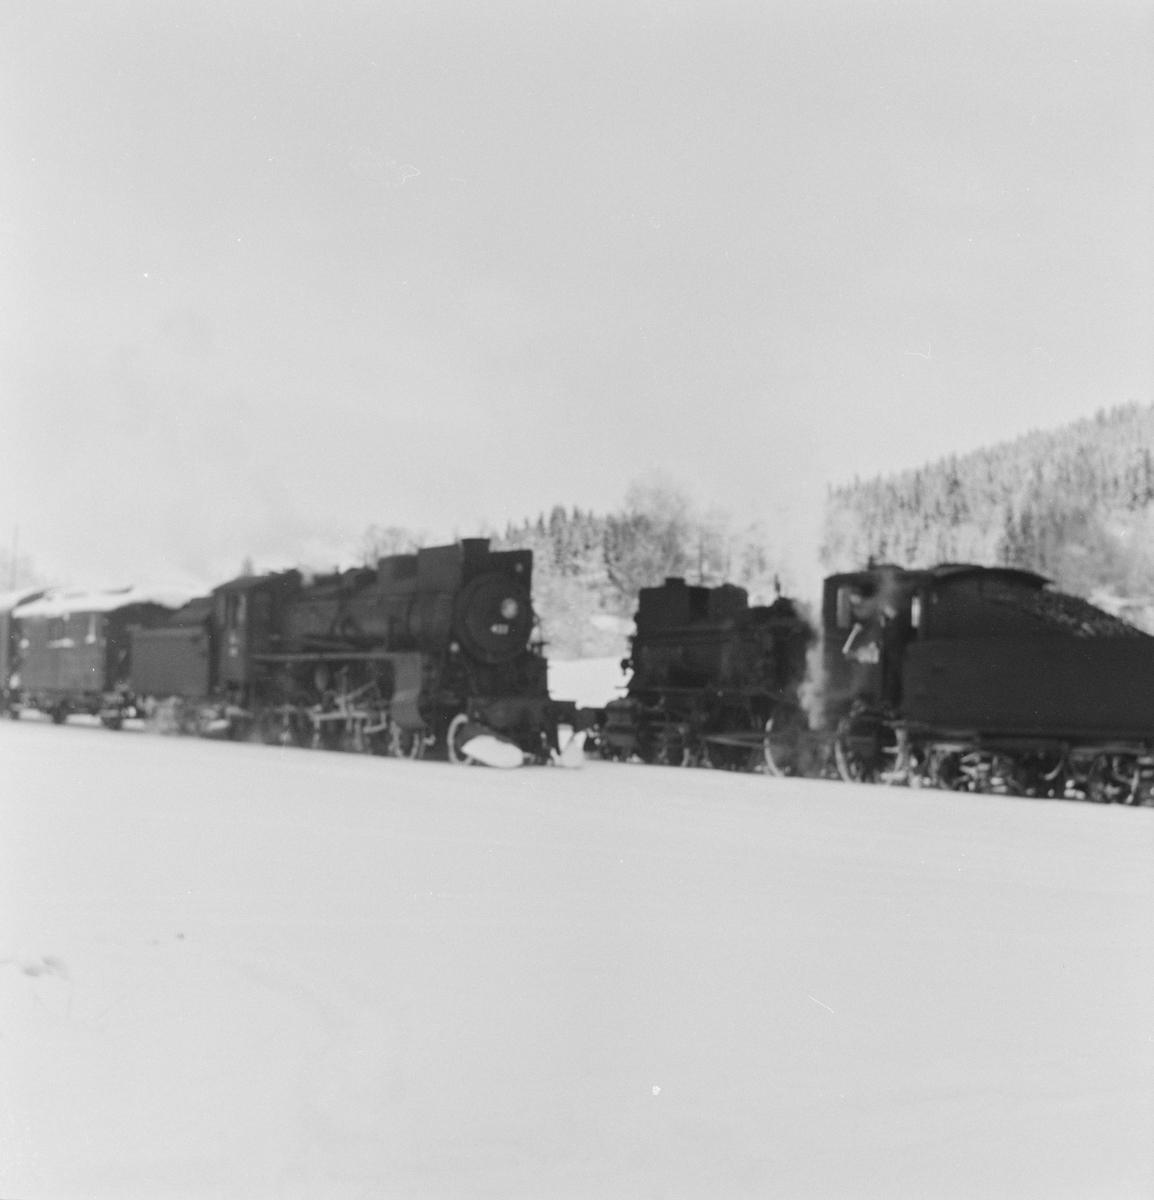 Kryssing mellom godstogene 5081/5082 på Solørbanen Togene trekkes av damplokomotiv 26c nr, 433 og 27a nr. 234.